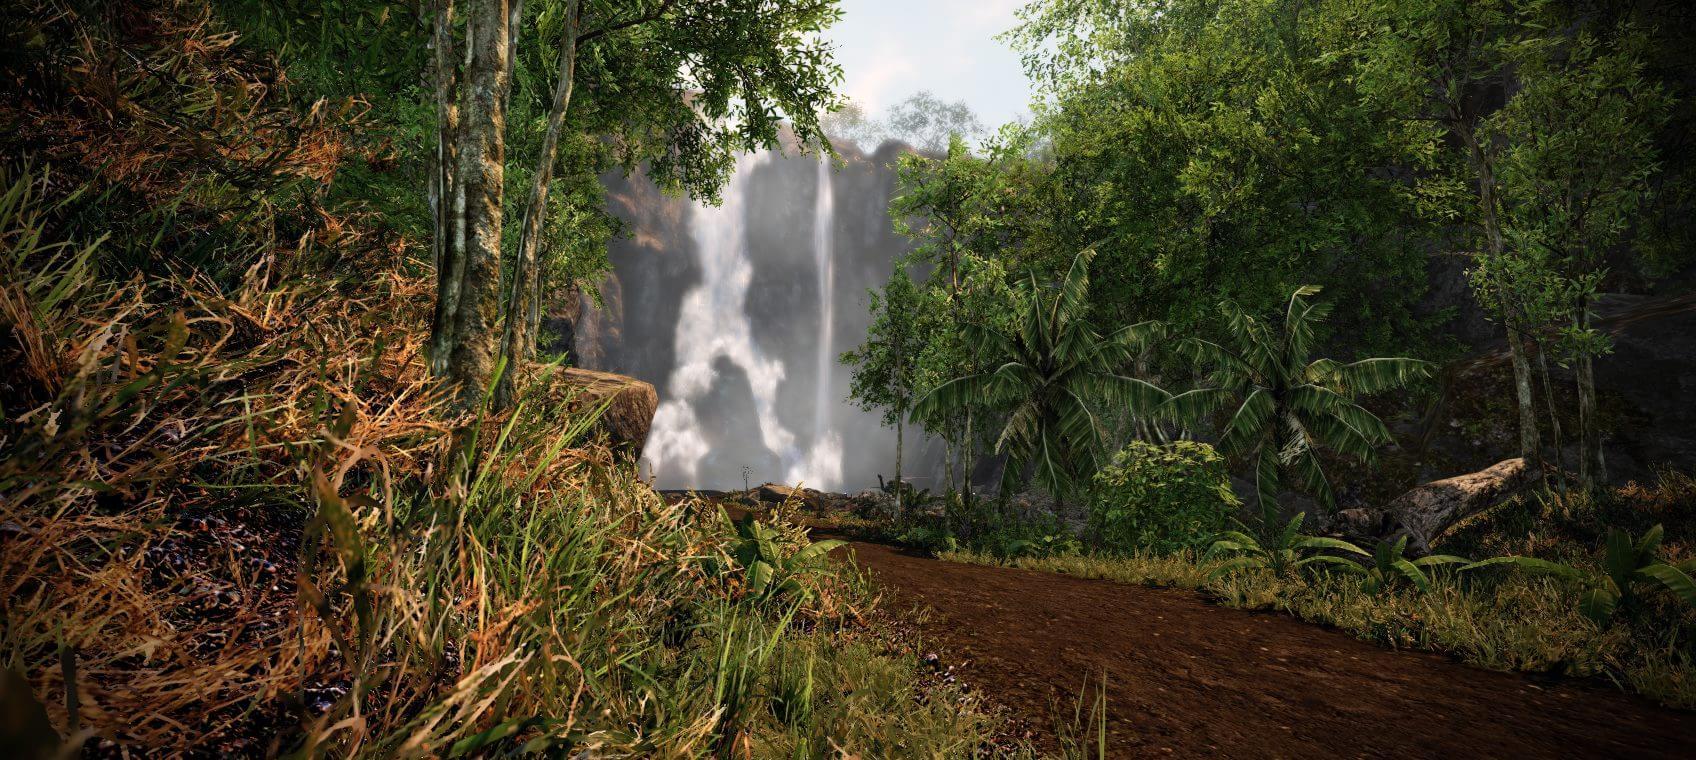 Jurassic Park: Aftermath ganha novas imagens [galeria]